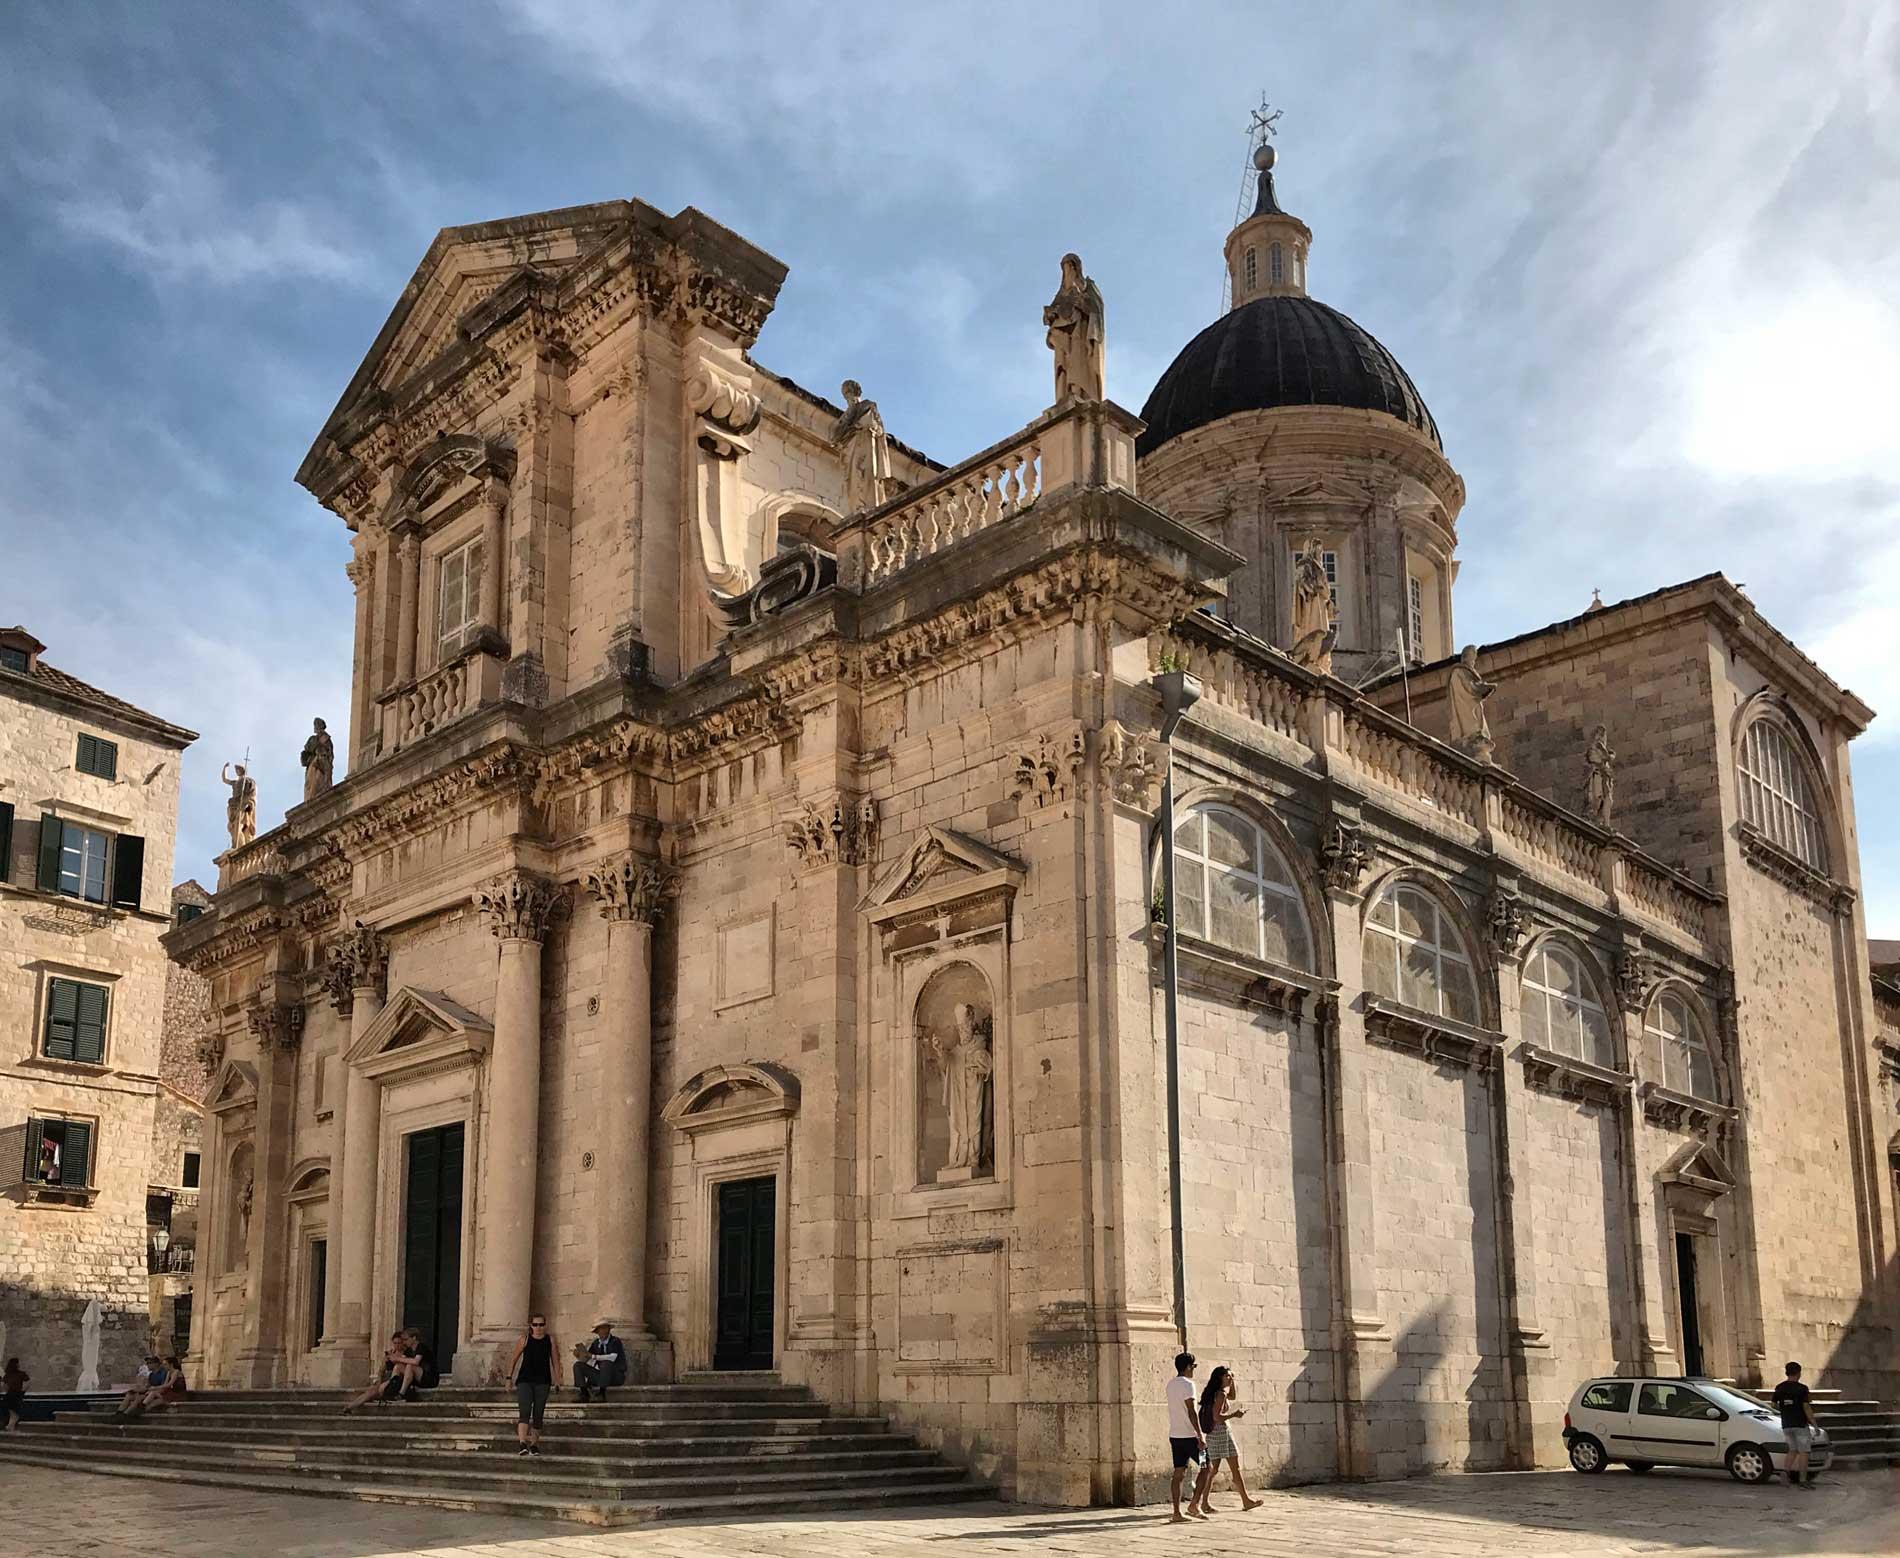 Dubrovnik-Croazia-Cattedrale-cielo-azzurro